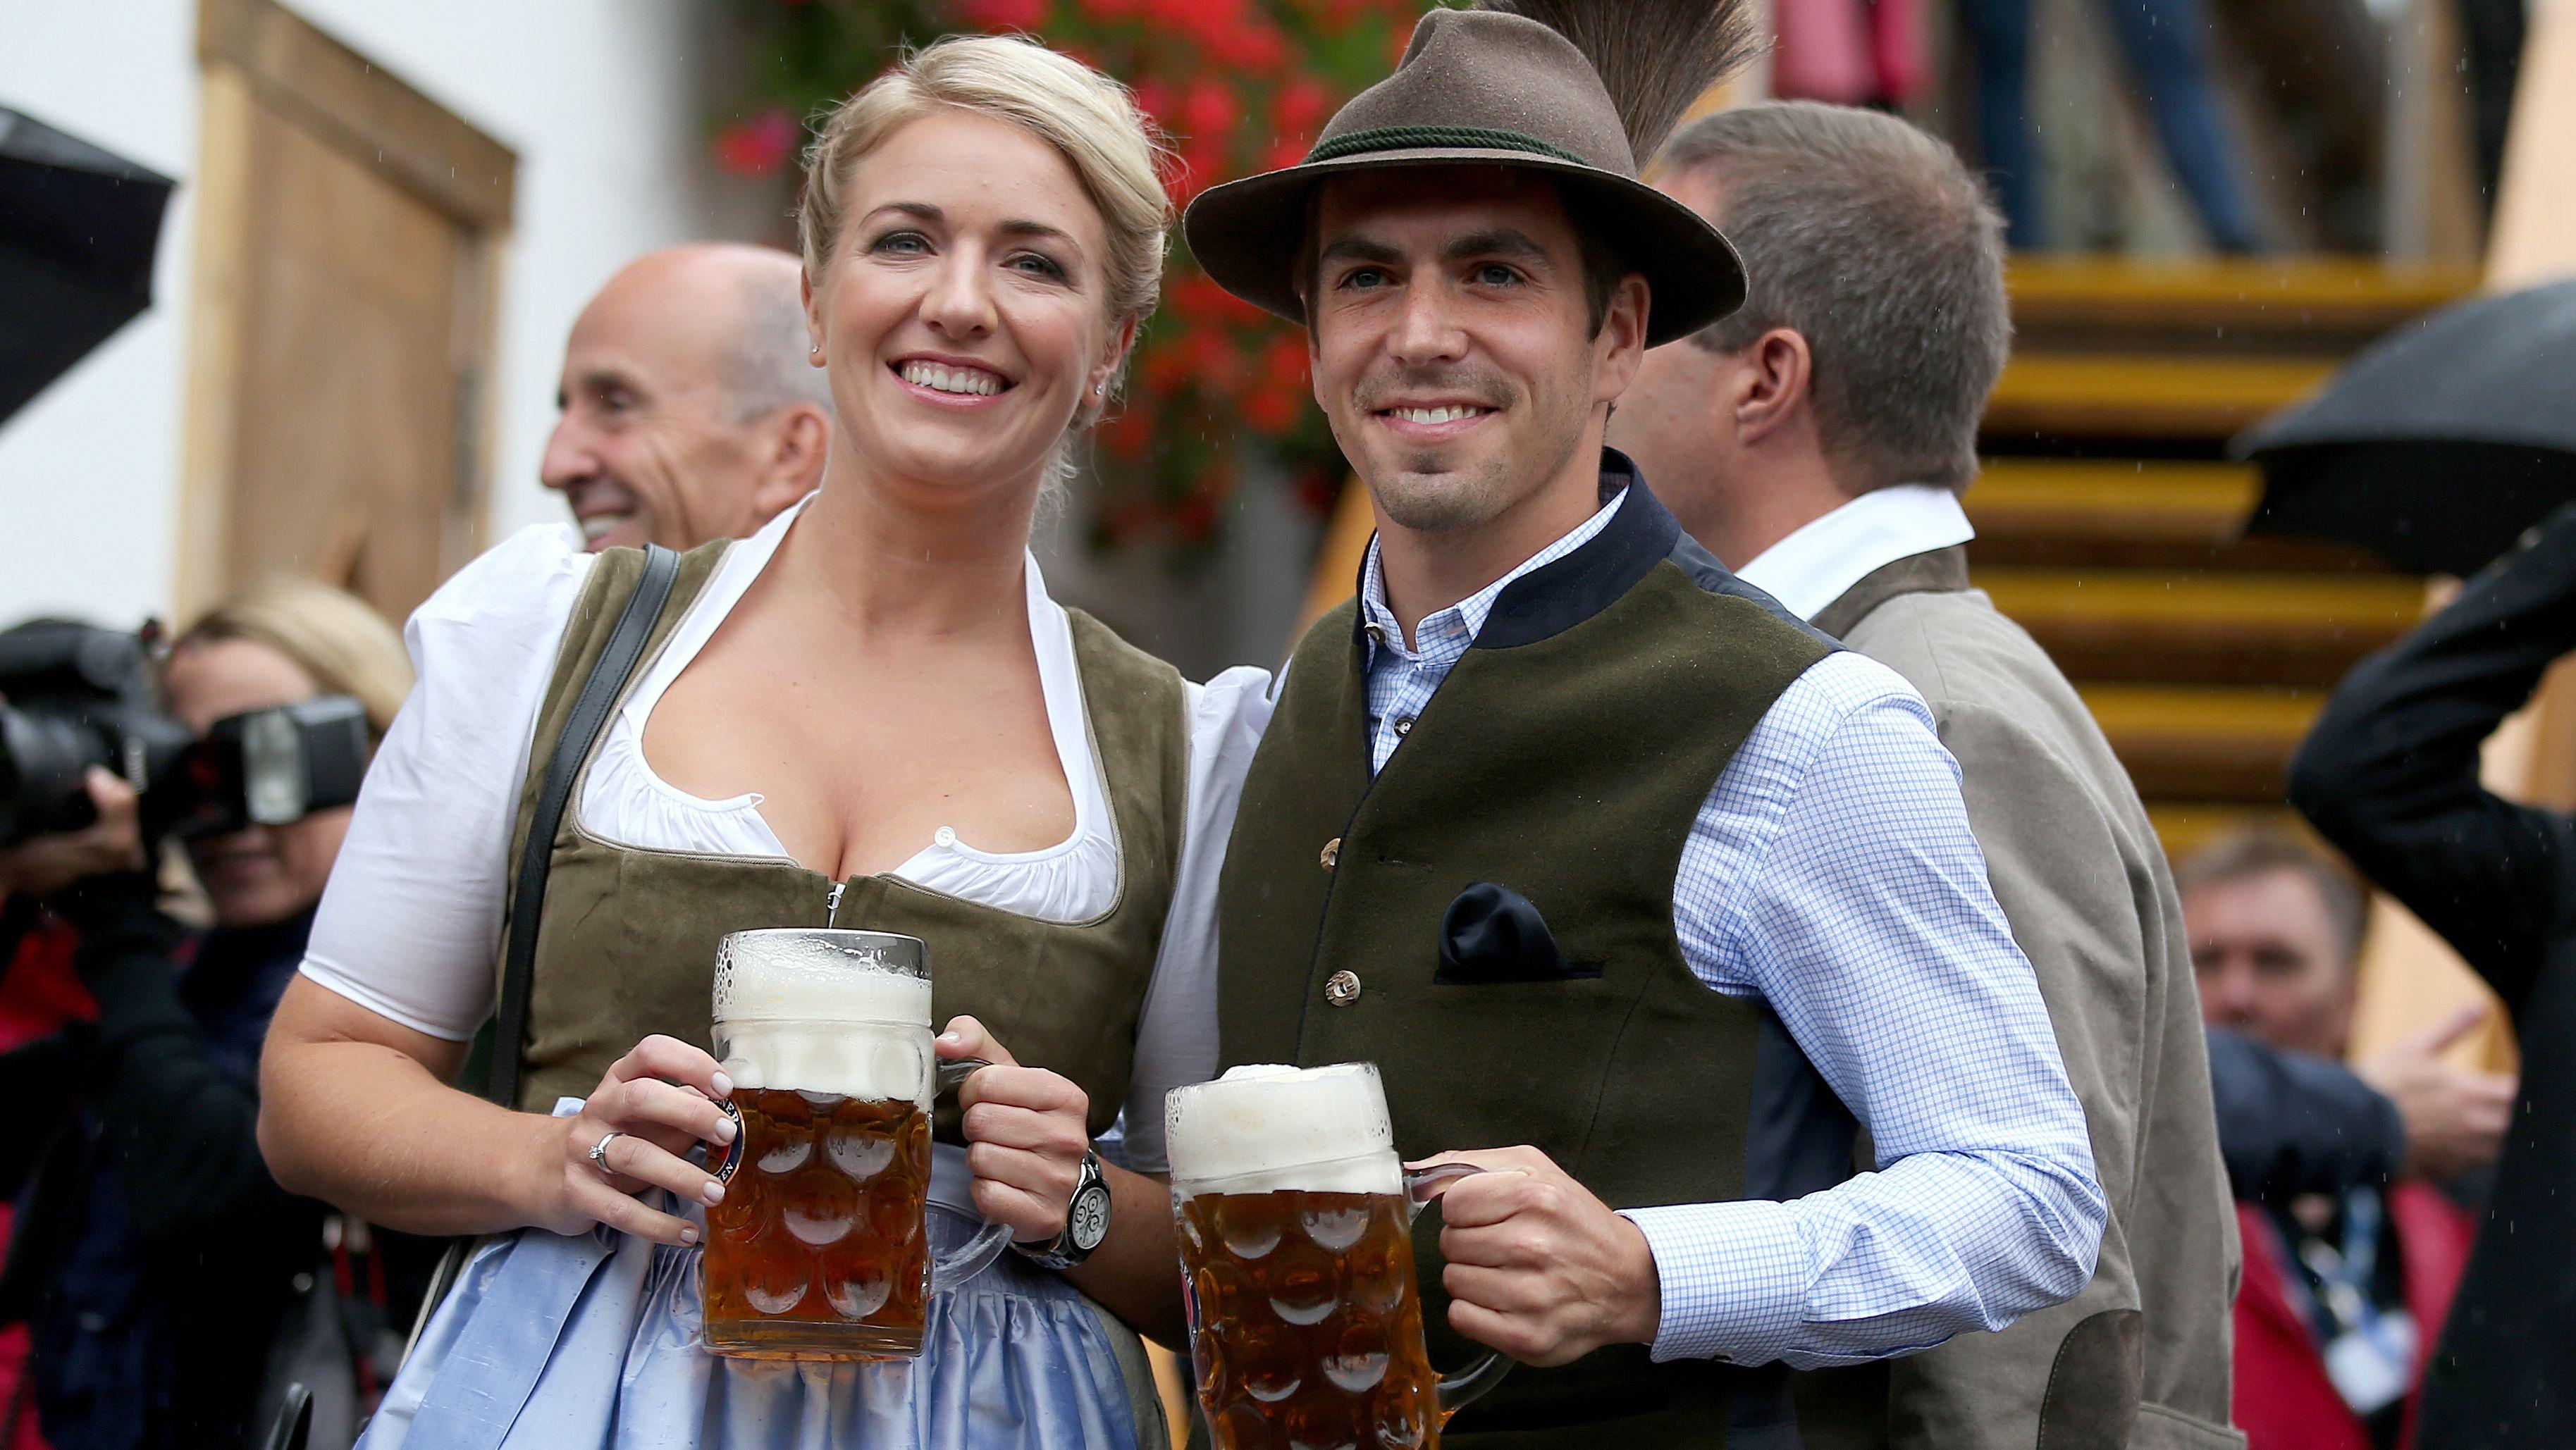 Archivbild: Philipp Lahm mit Ehefrau Claudia auf dem Oktoberfest